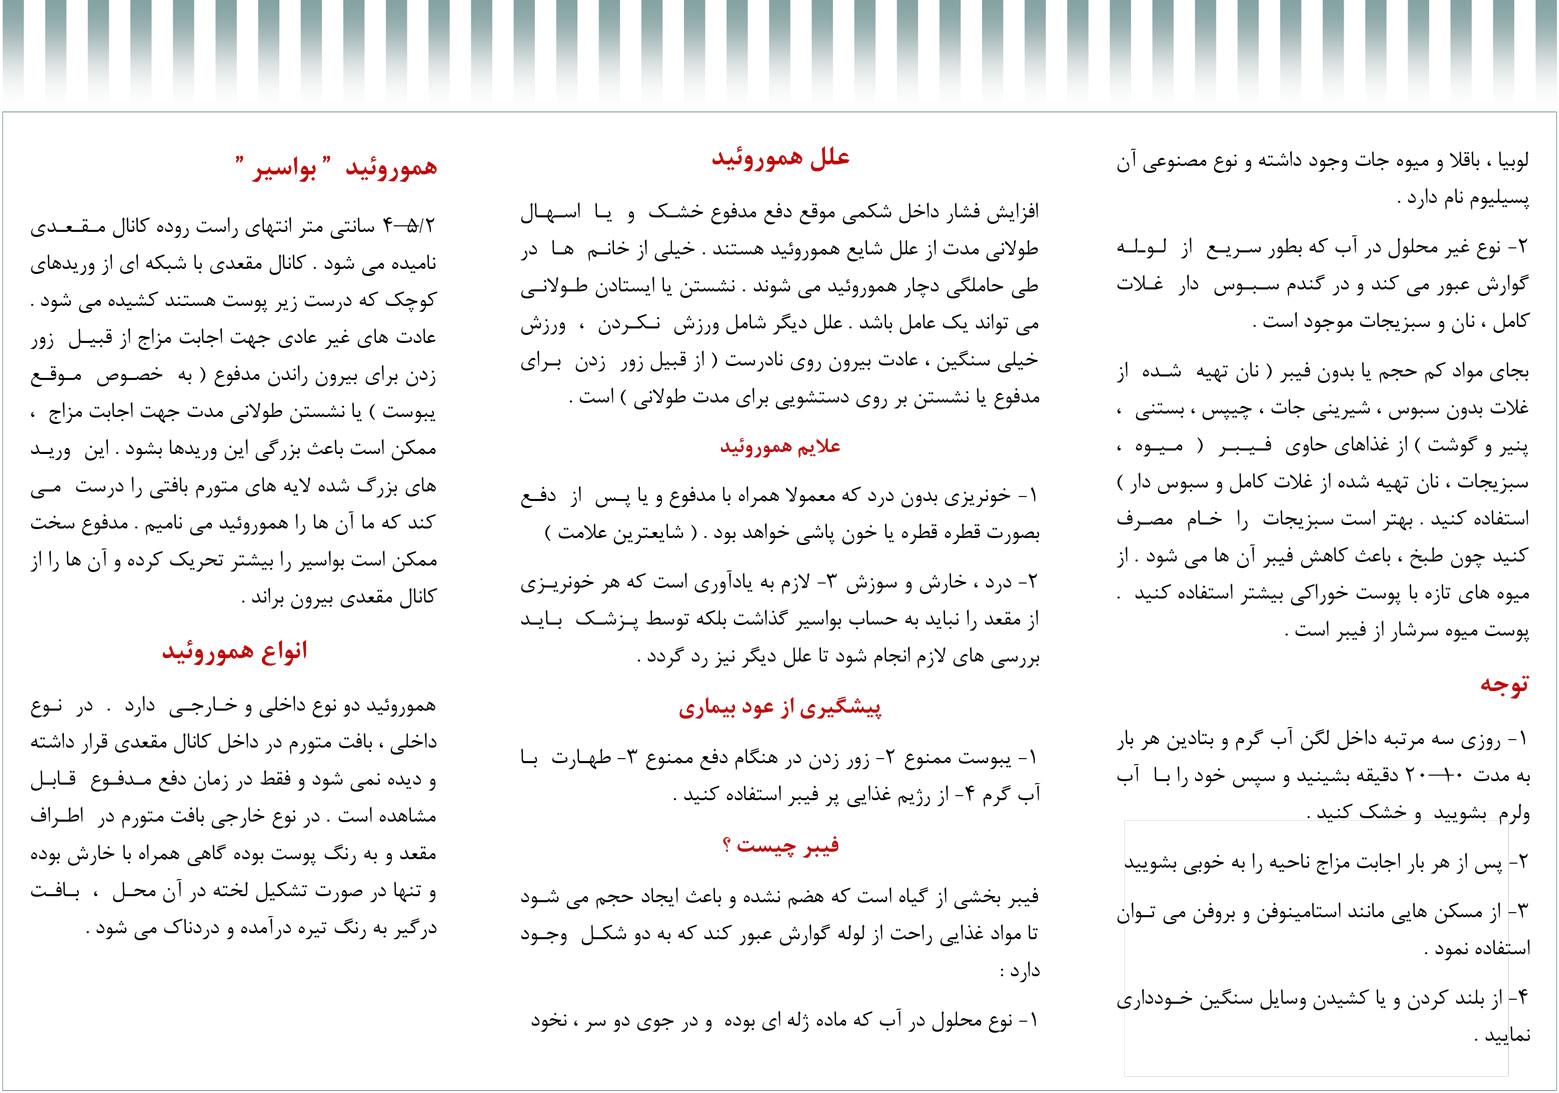 Bahman page02 هموروئيد 9d13b